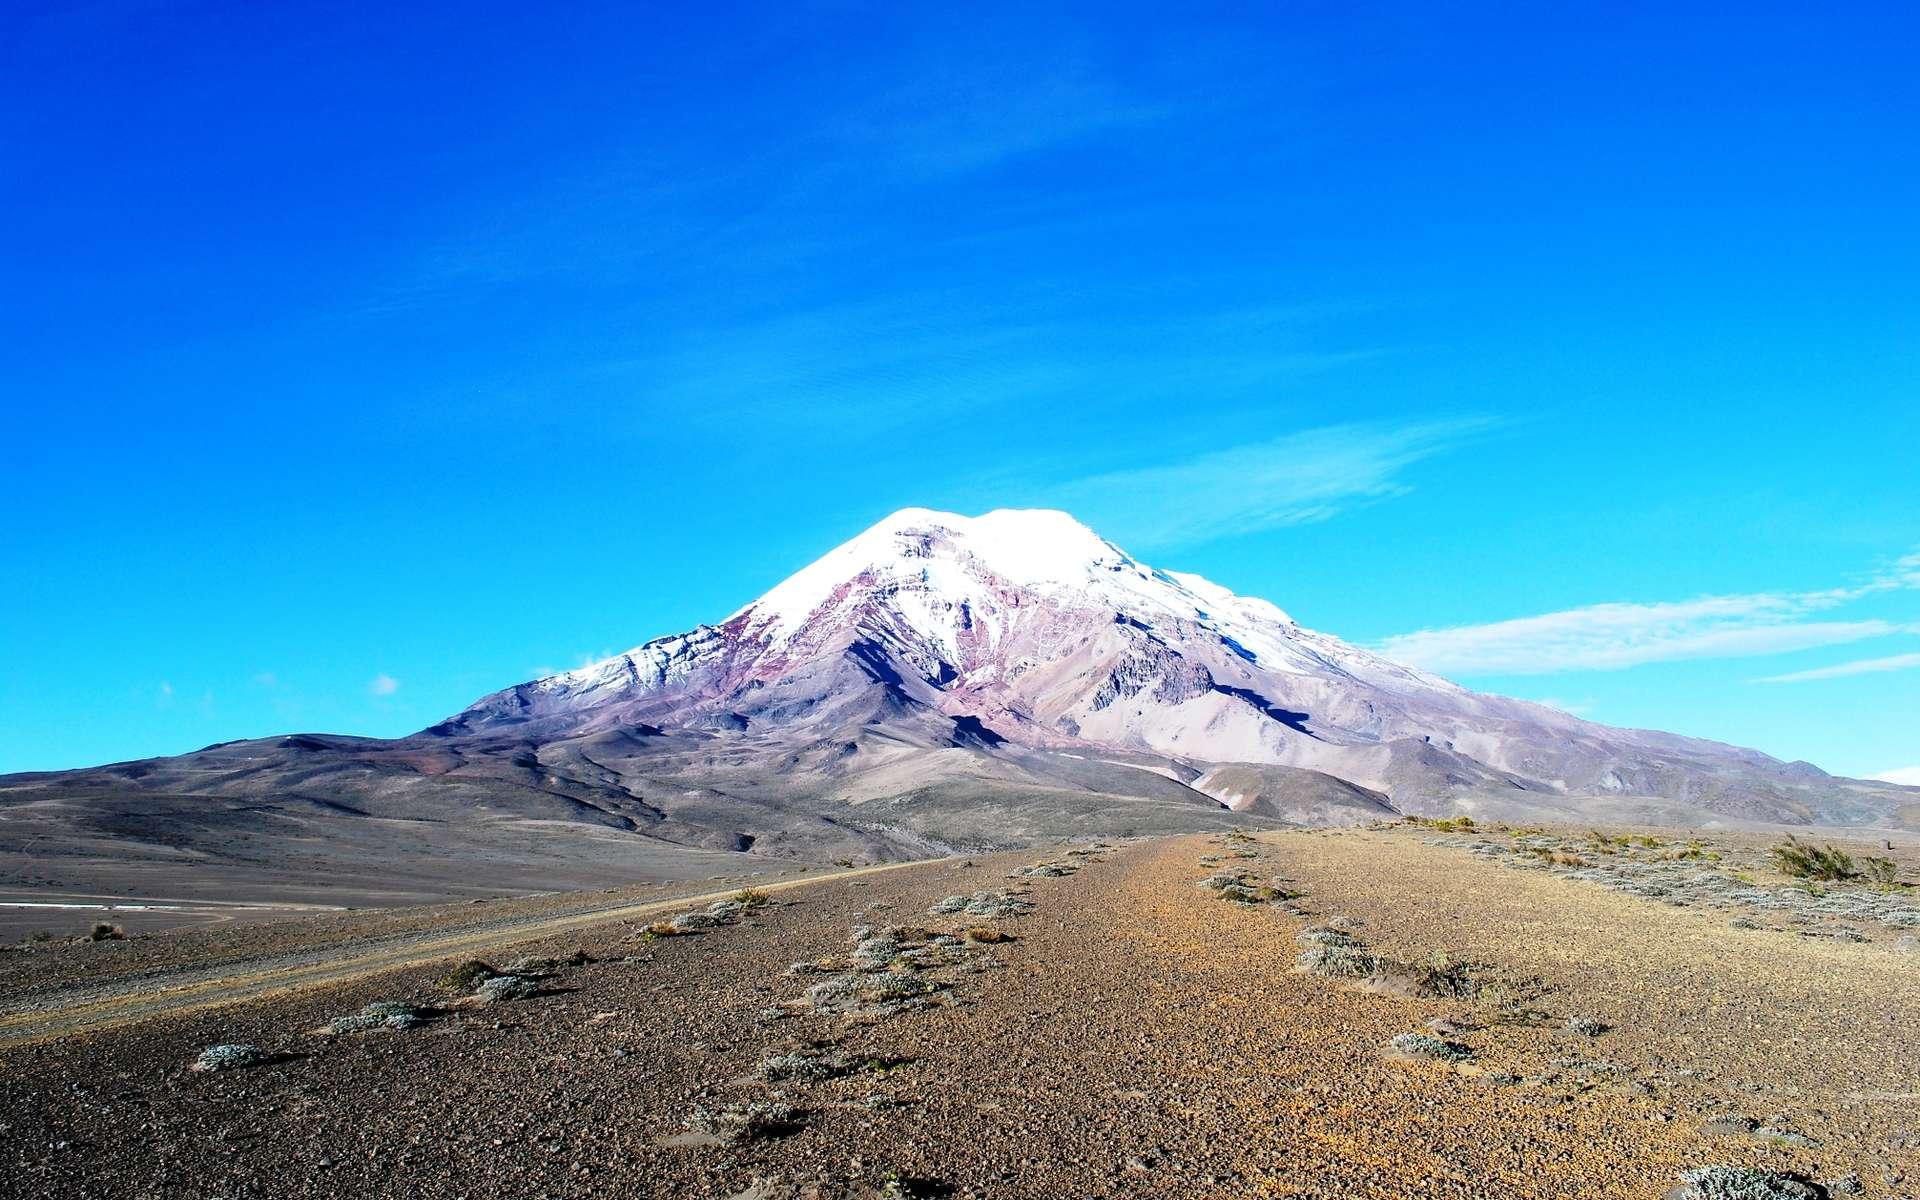 Le Chimborazo est un volcan d'Équateur culminant à 6.268 m d'altitude. C'est le sommet le plus haut des Andes équatoriennes et le point le plus éloigné du centre de la Terre. © David Torres Costales, @DavoTC, Wikimedia Commons, CC by-sa 3.0